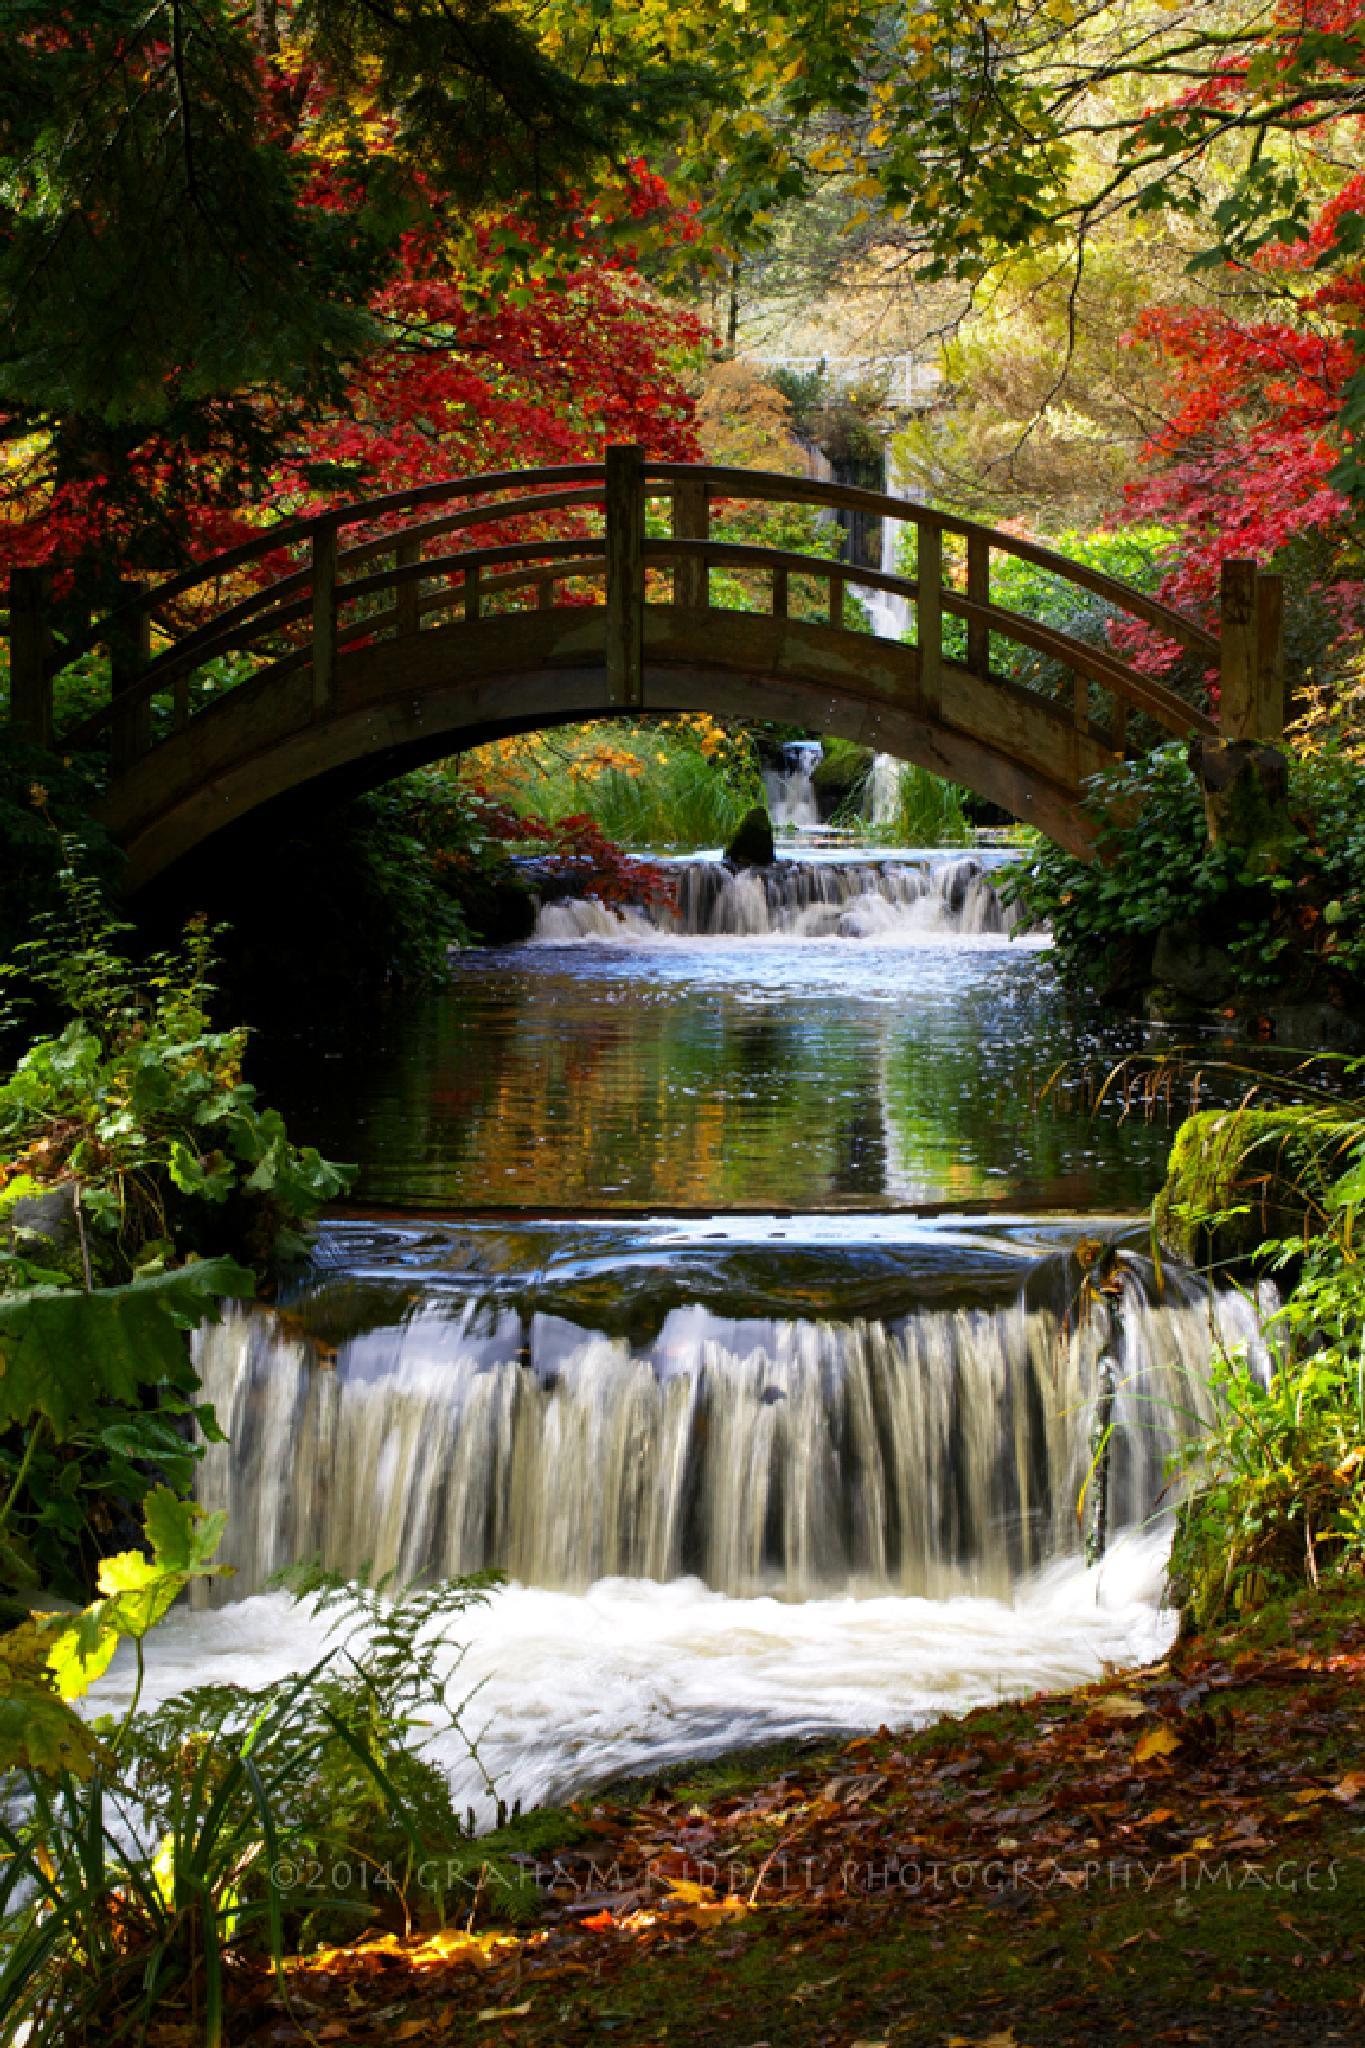 Japanese Bridge at Stobo in Autumn by GrahamJRiddell